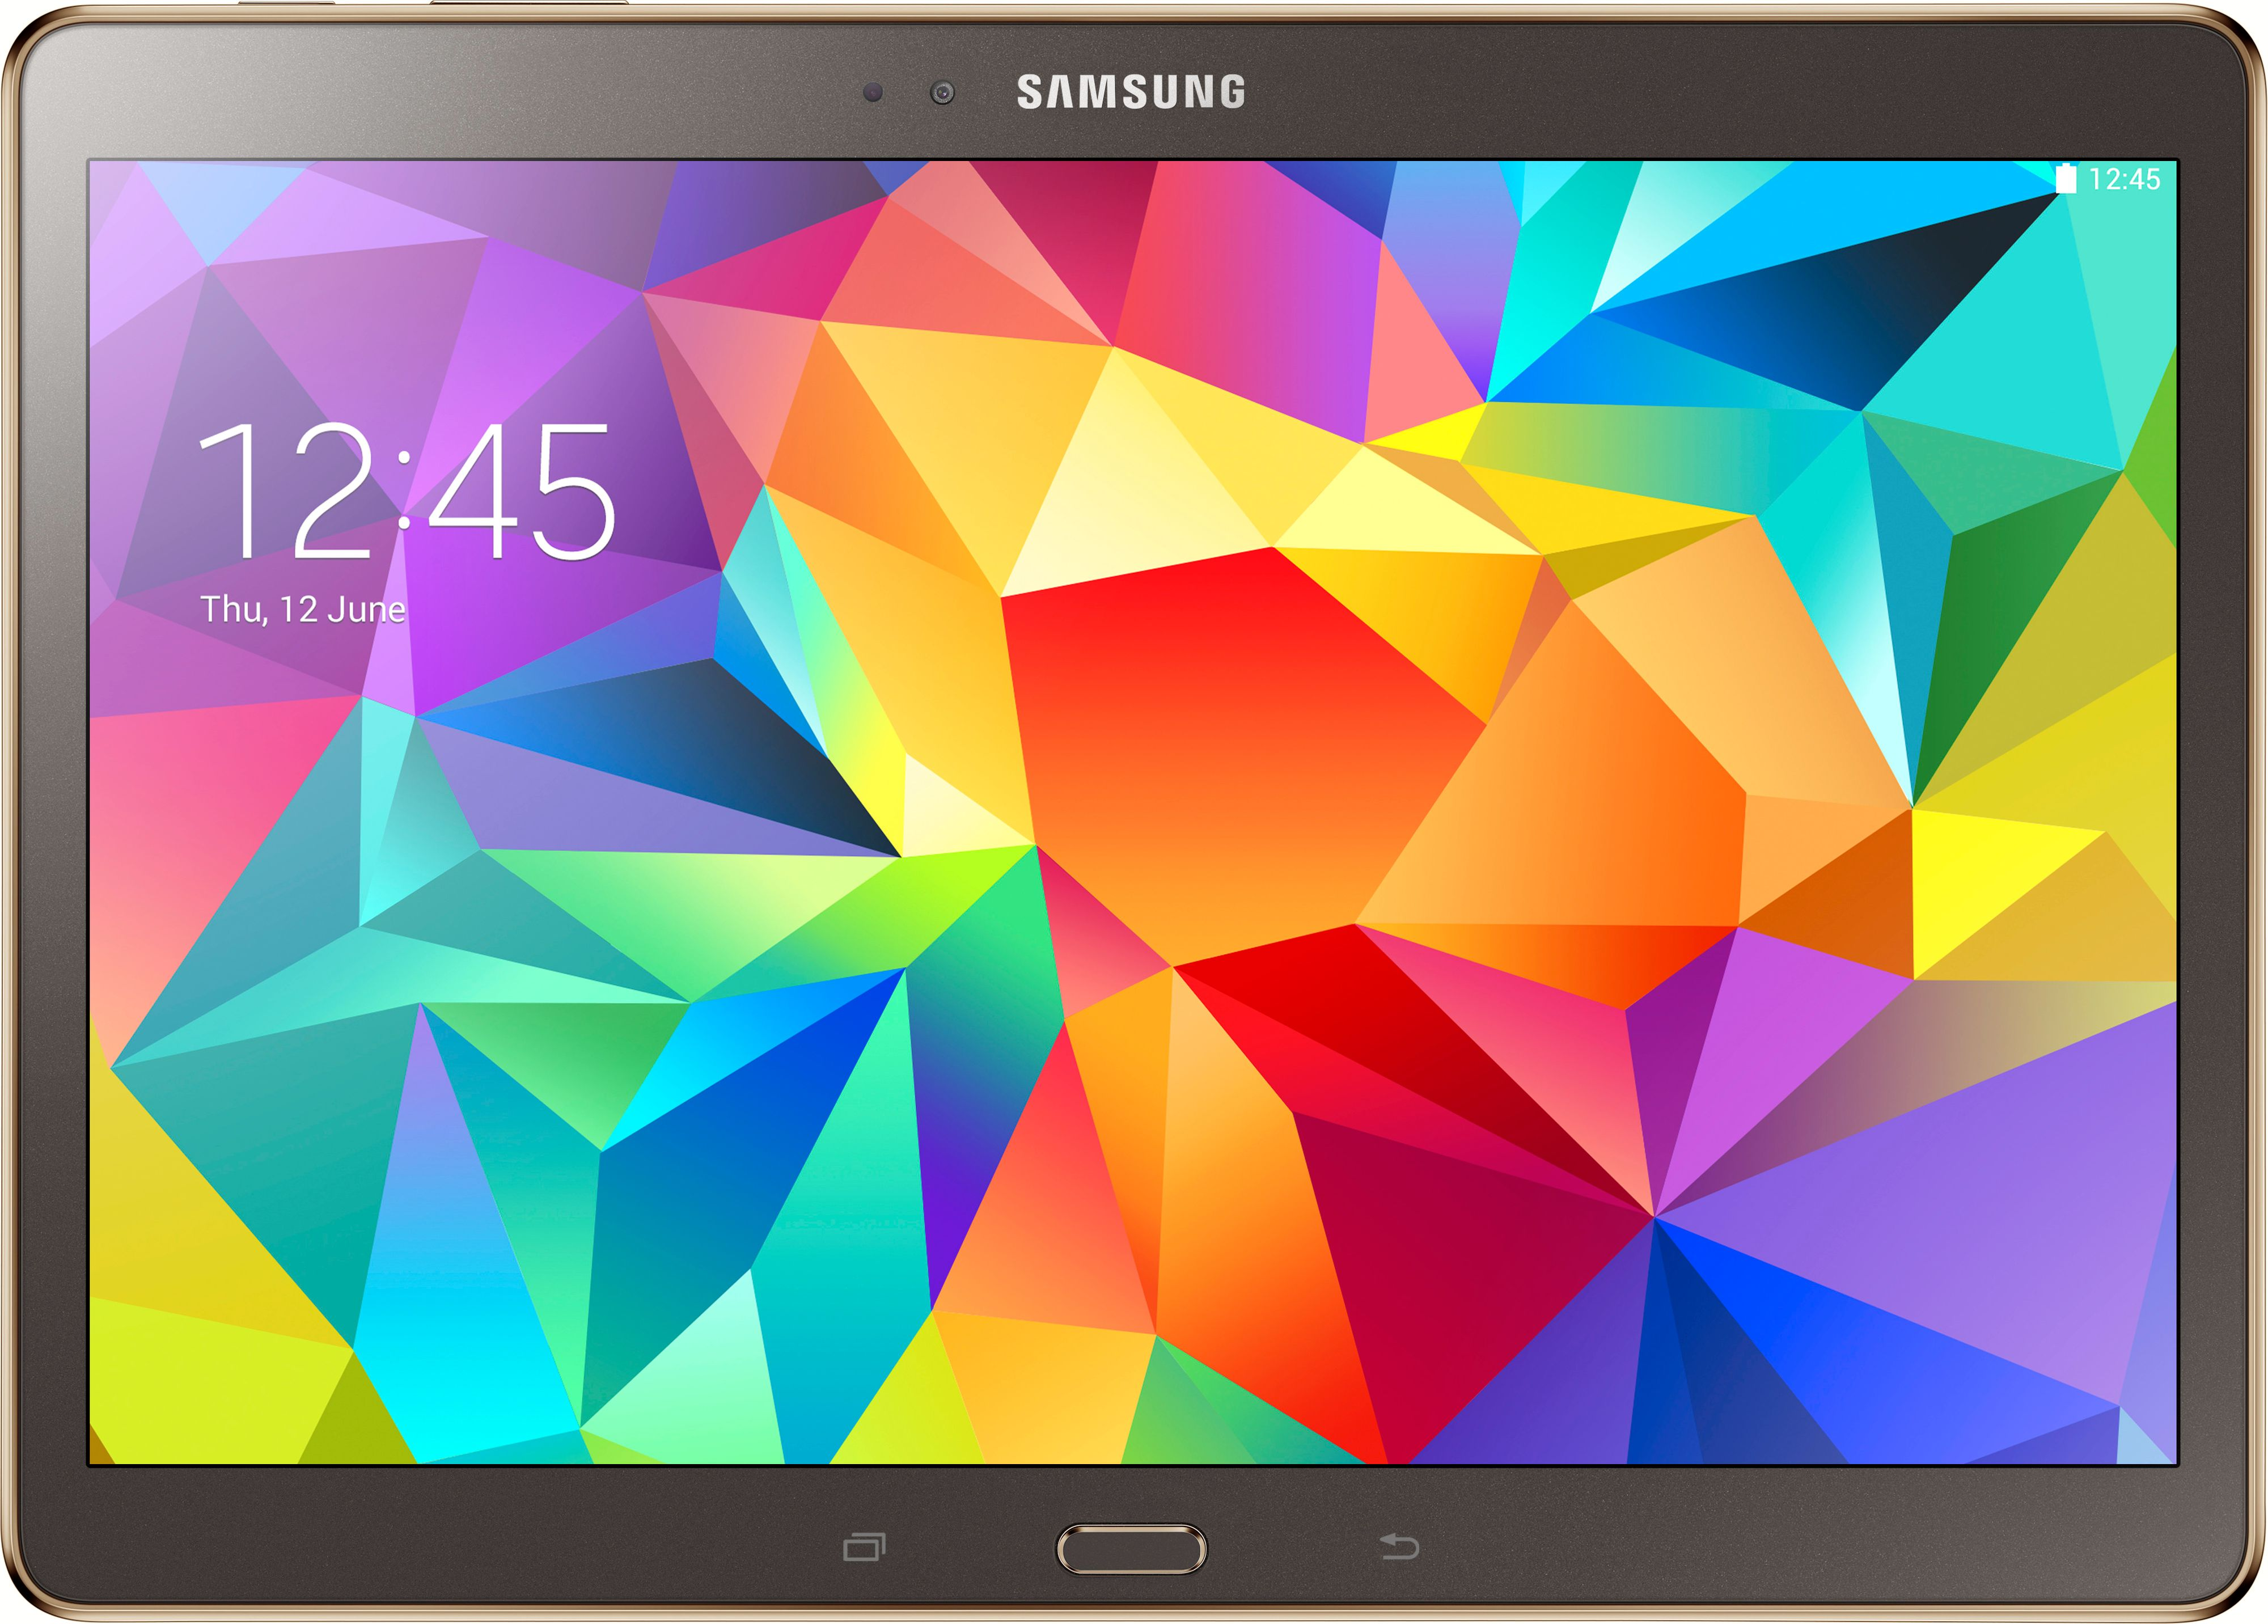 Galaxy Tab S 10.5.